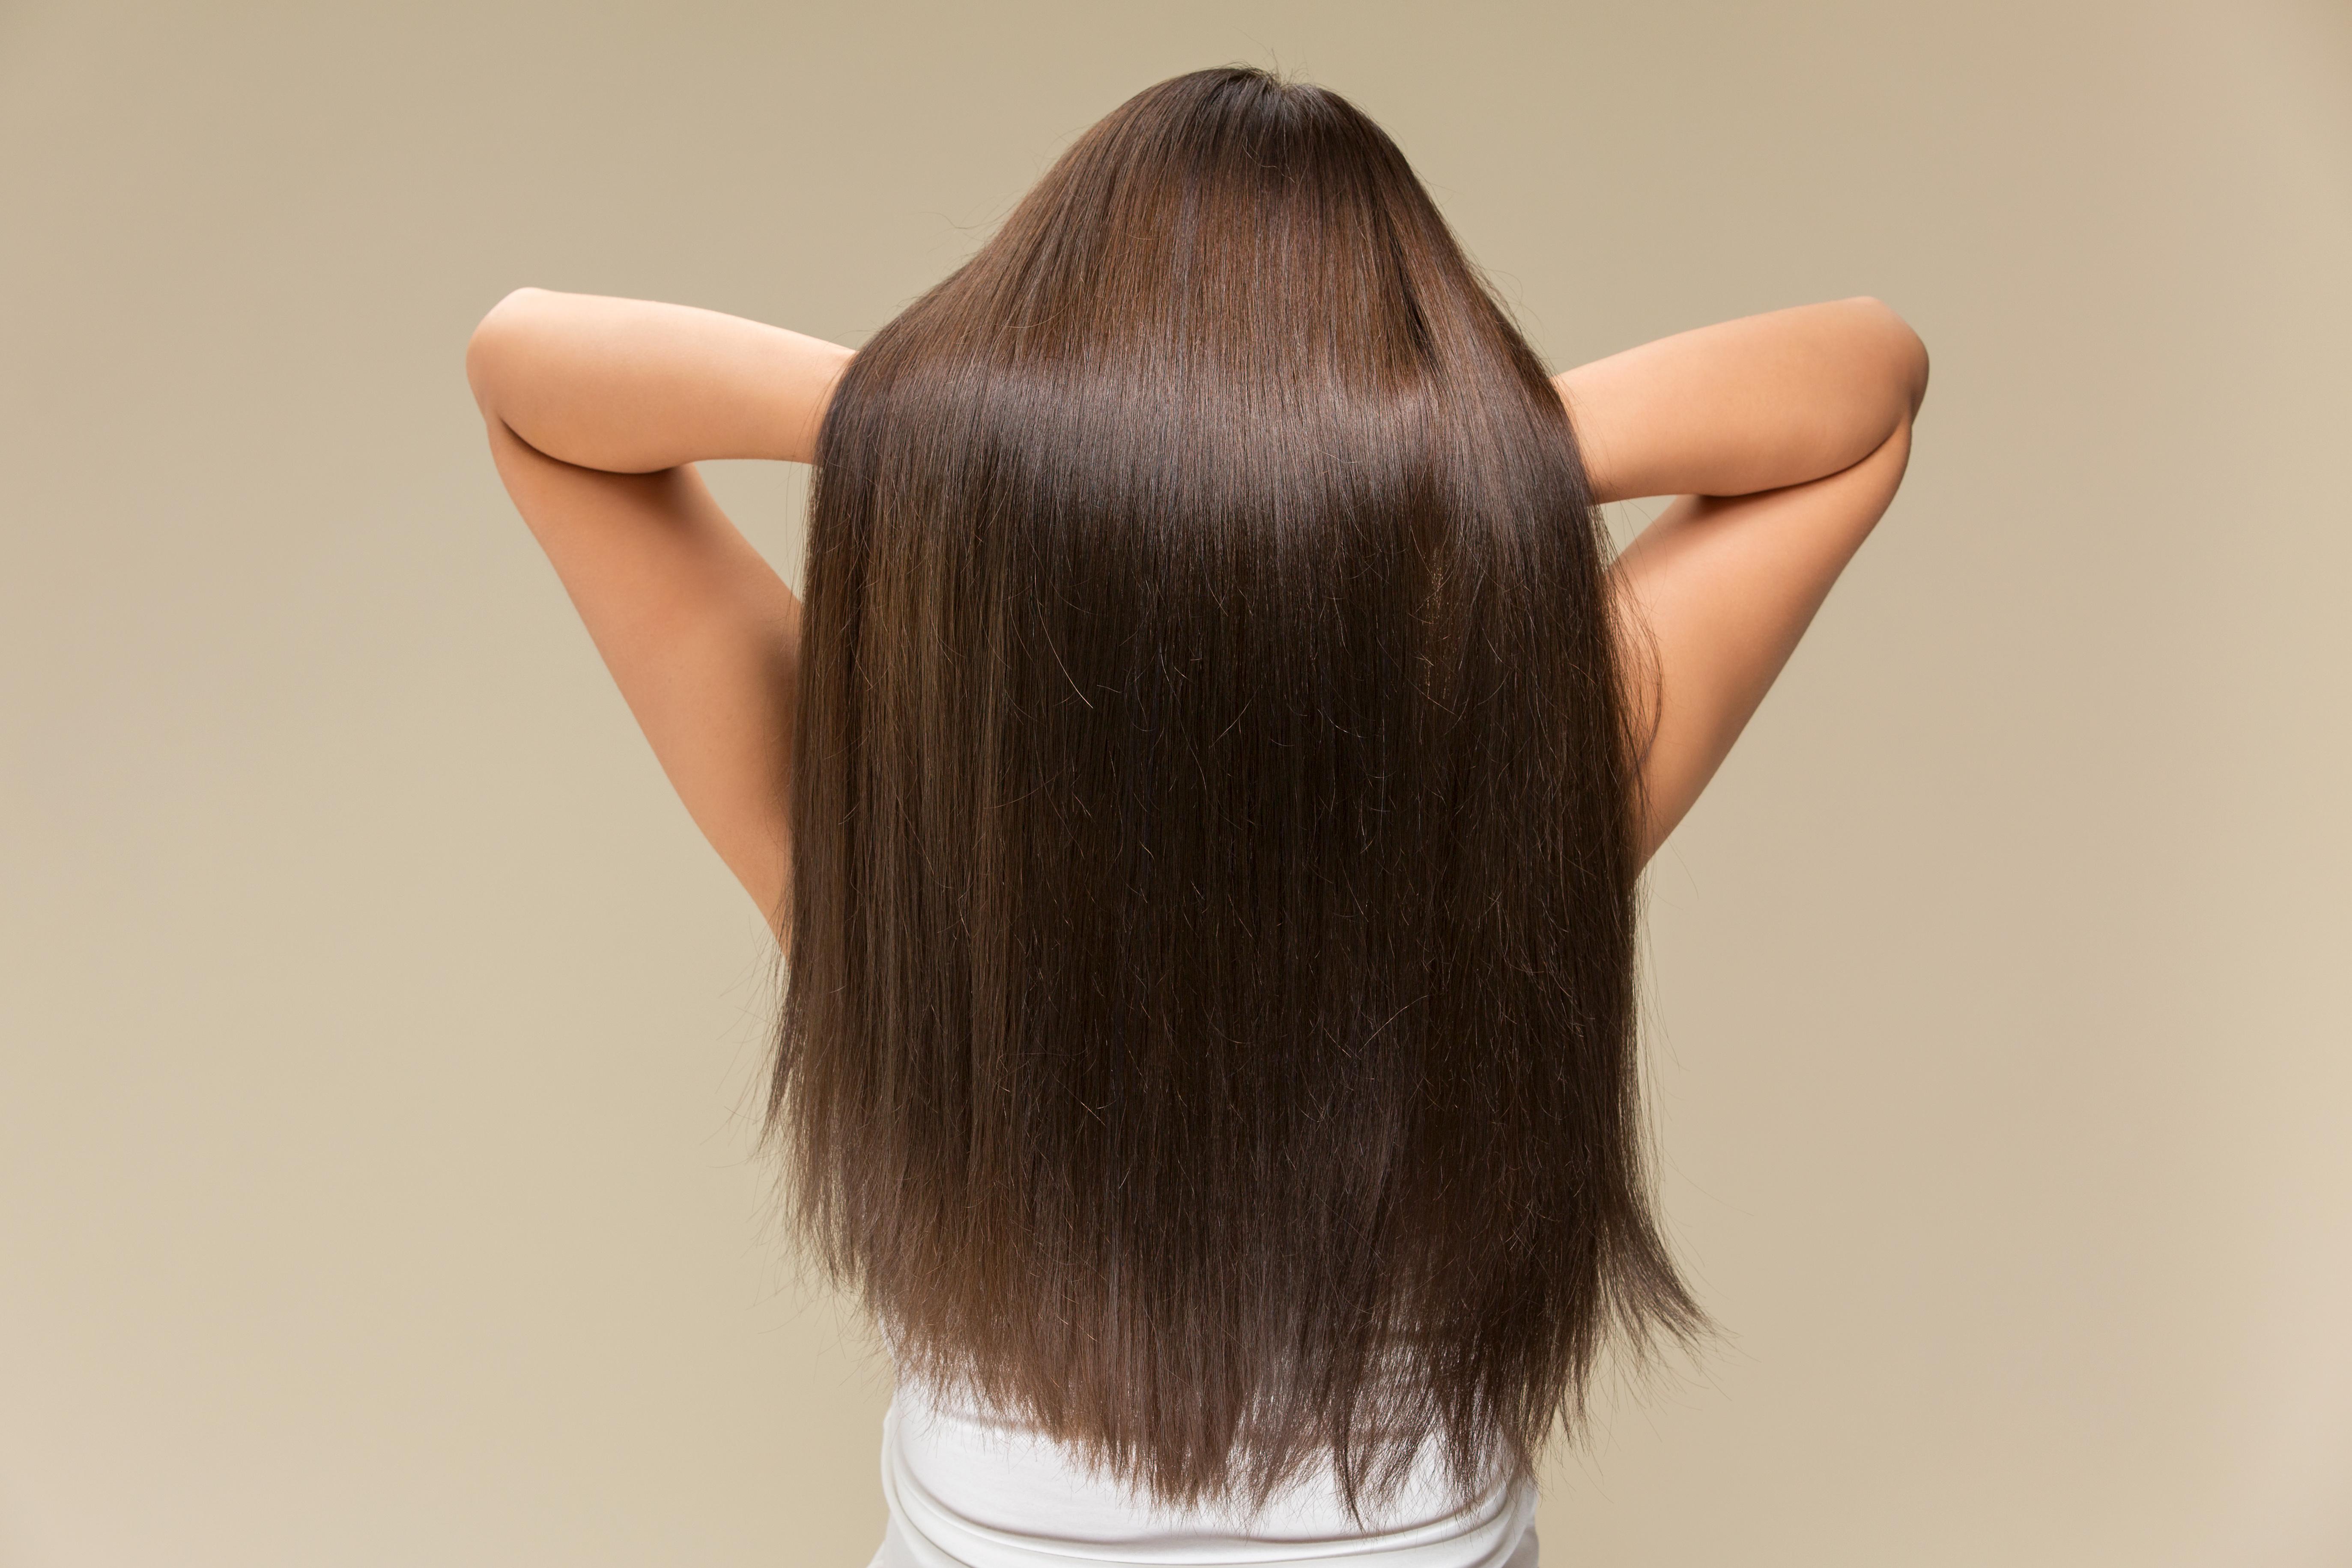 サラサラの健康な髪の毛に!